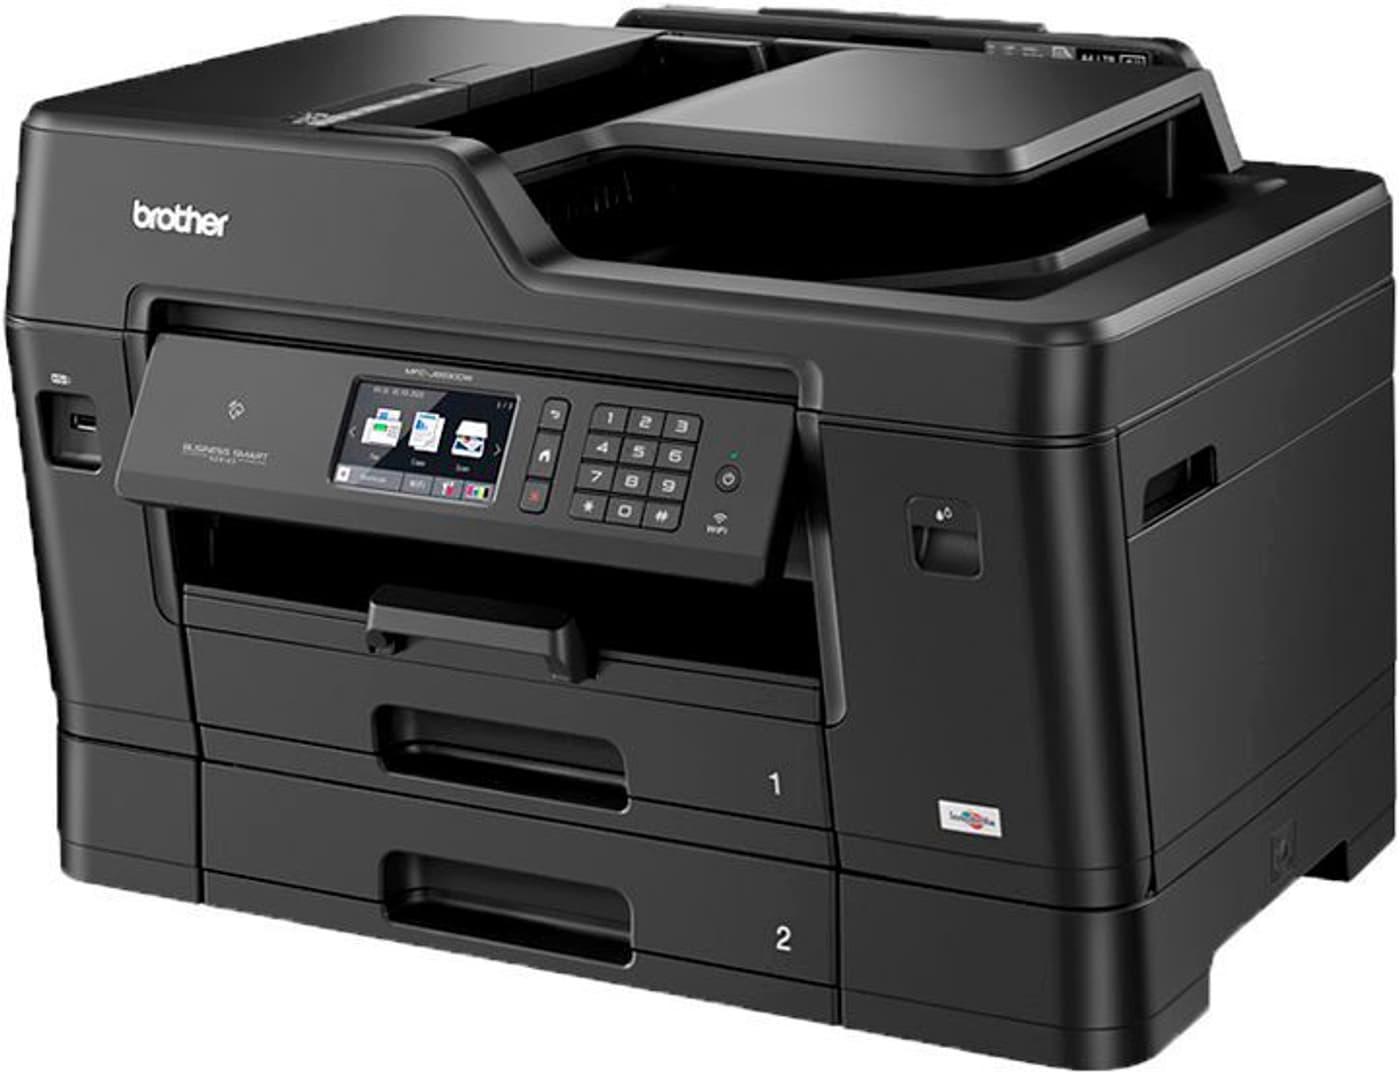 brother mfc j6930dw a3 drucker scanner kopierer fax. Black Bedroom Furniture Sets. Home Design Ideas